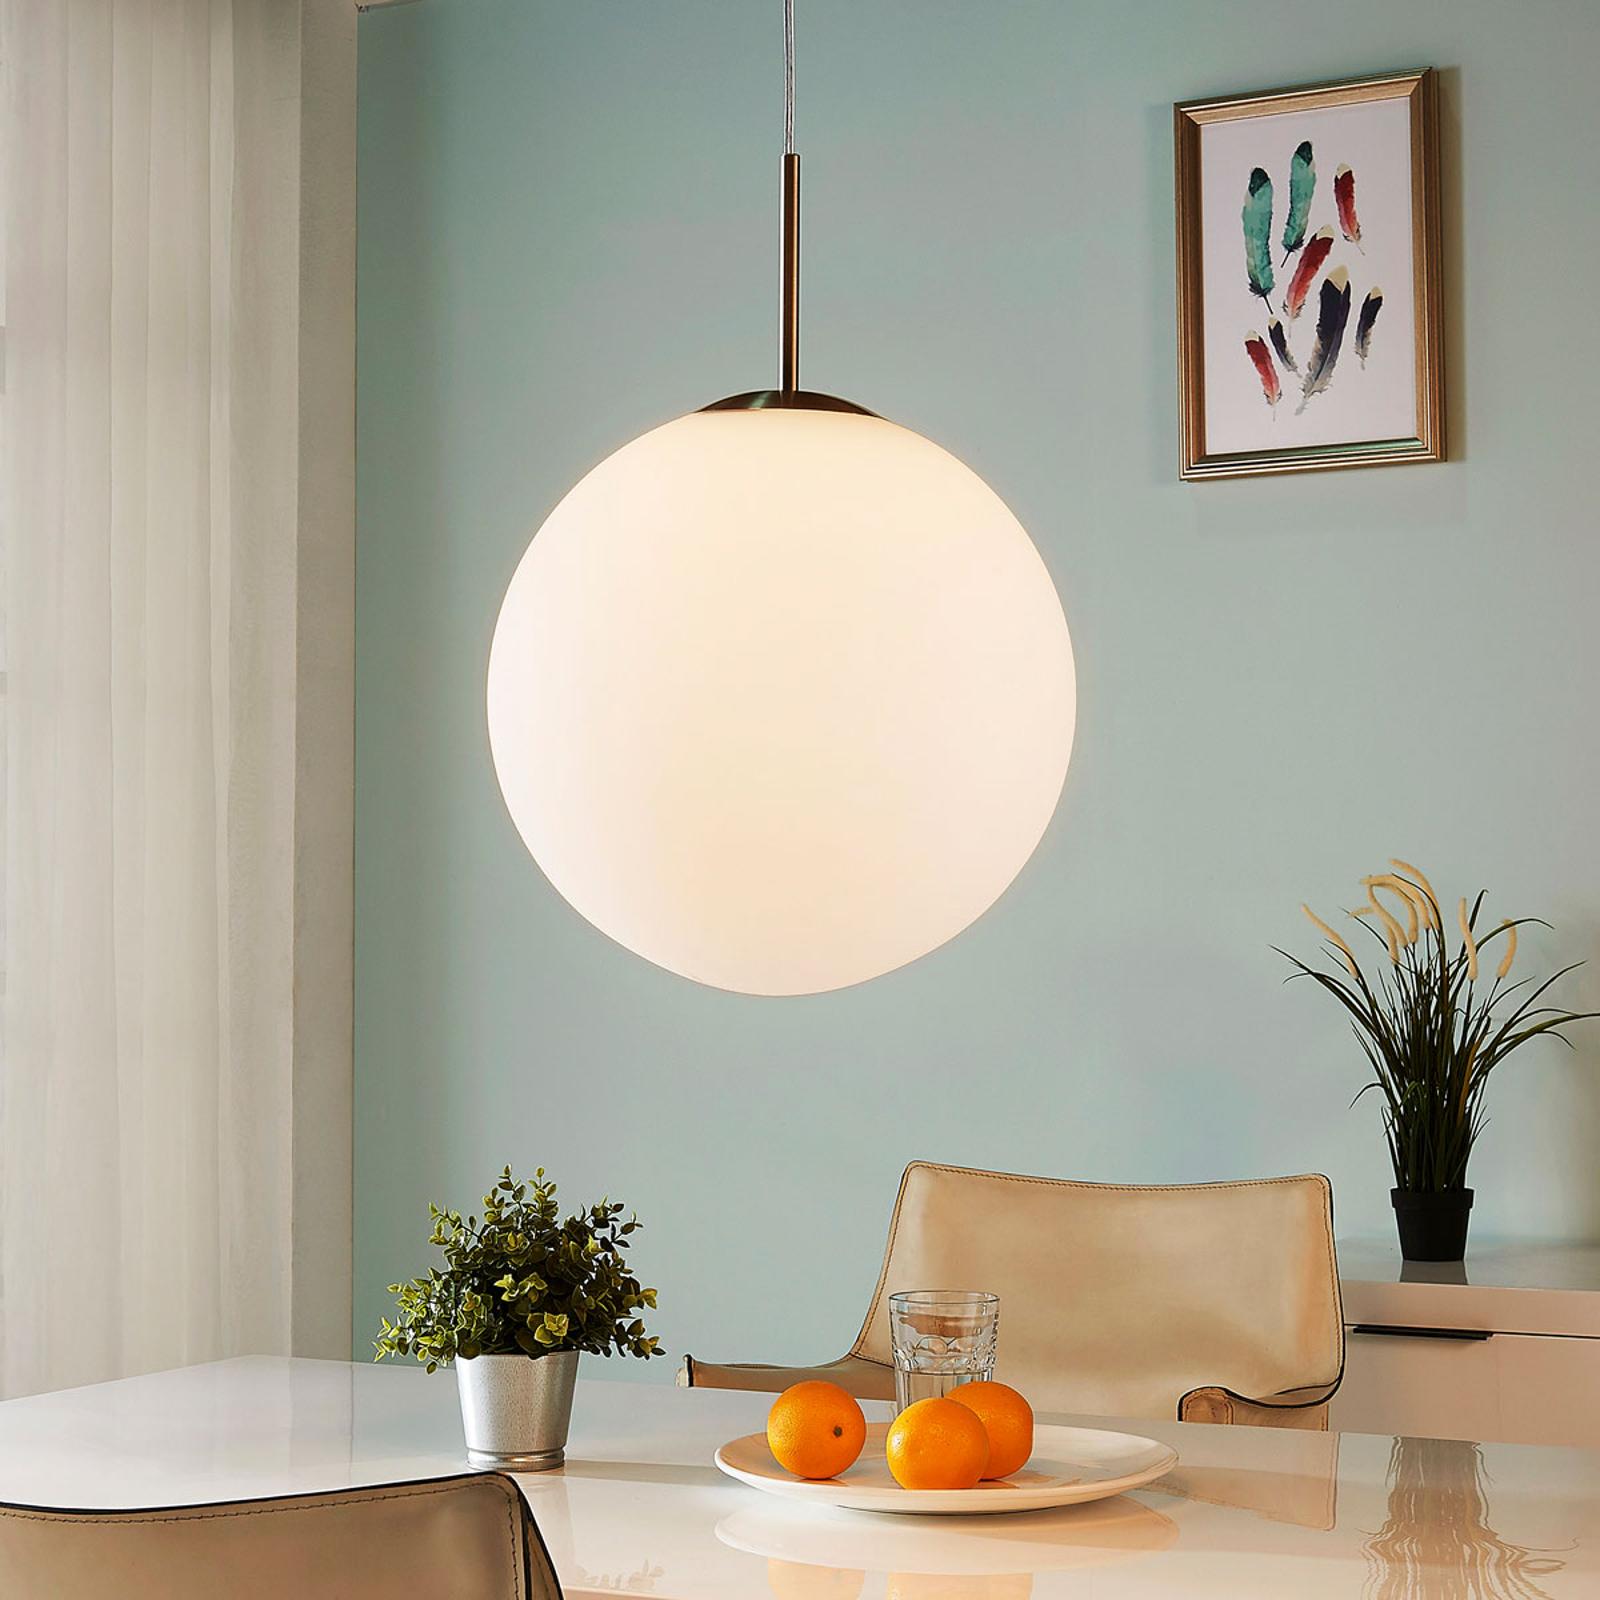 Kulista lampa wisząca Marike opalowe szkło, 35 cm